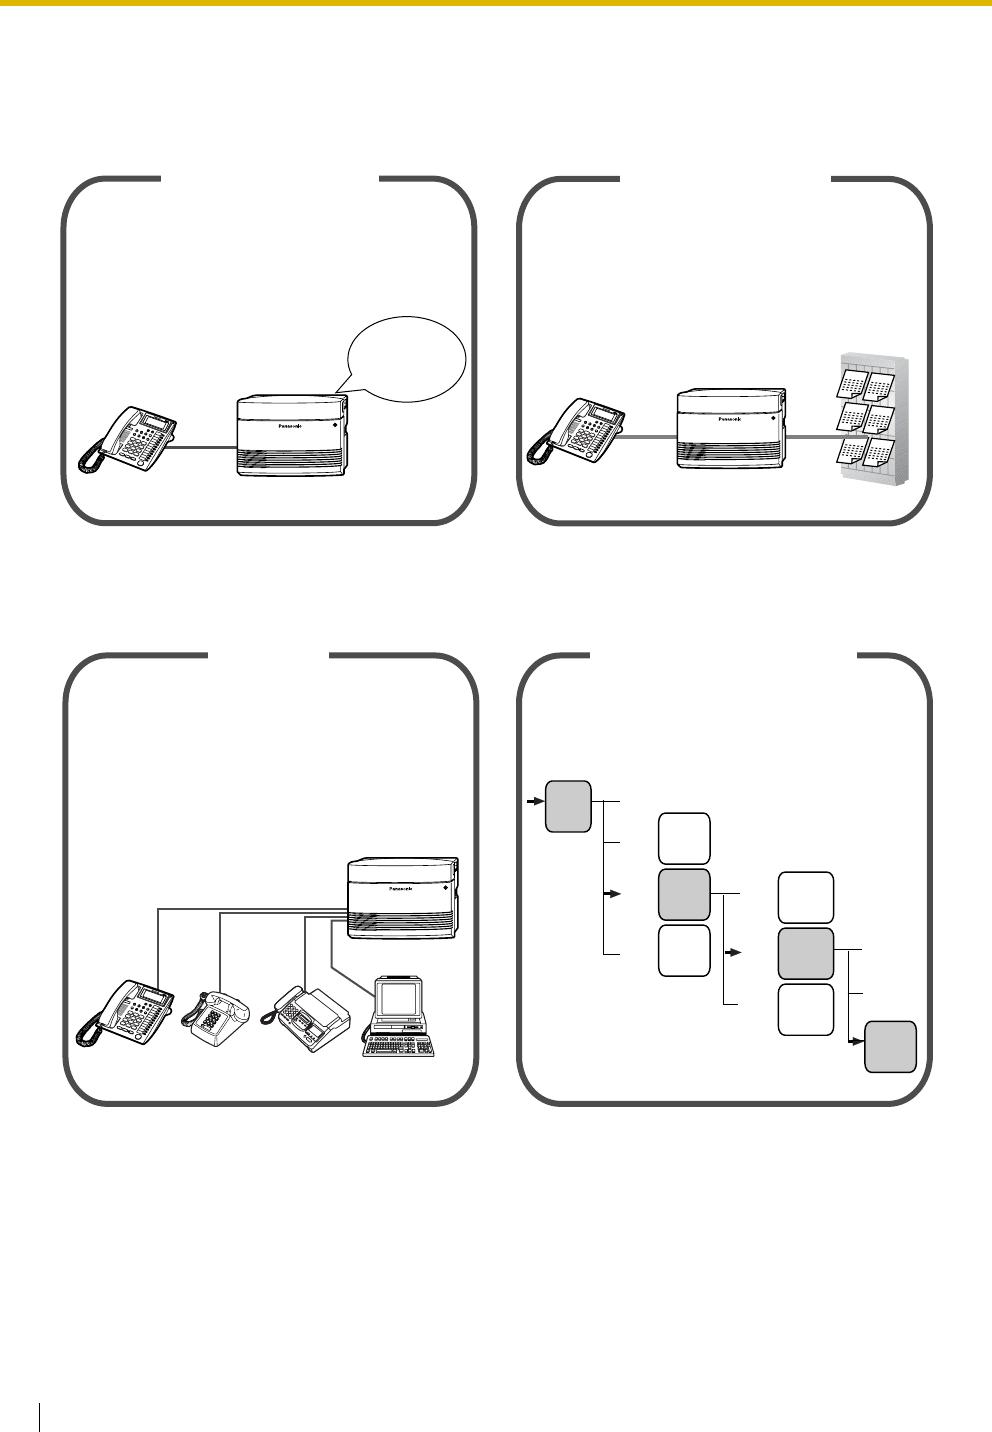 panasonic answer machine manual